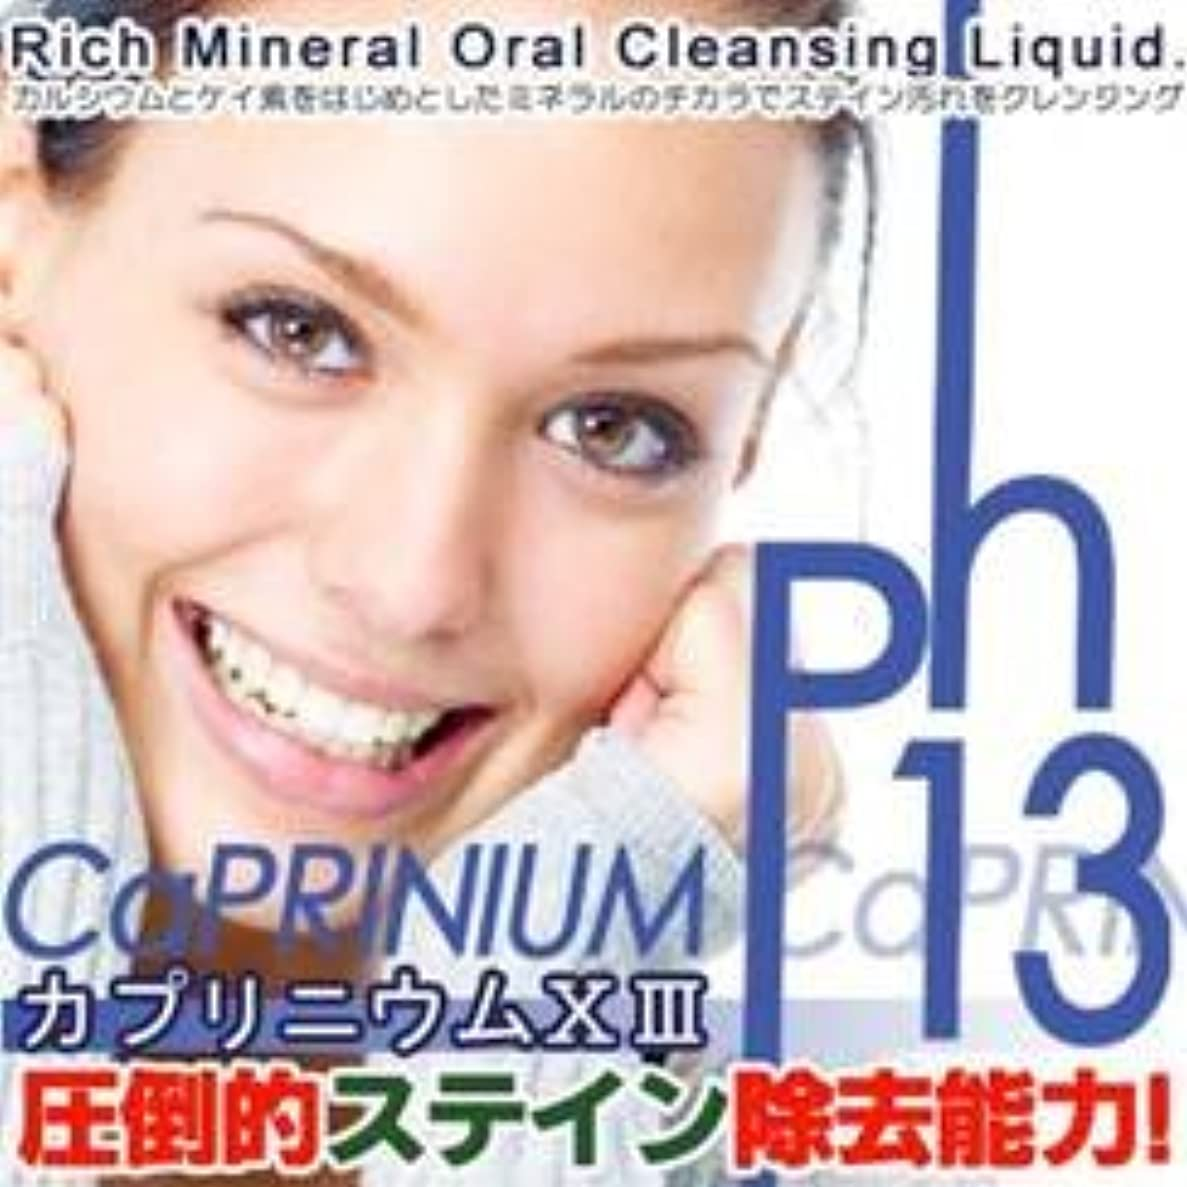 豊富に肘変えるカプリニウムサーティーンジェル1個入(10日分) 電動歯ブラシ対応歯磨きジェル